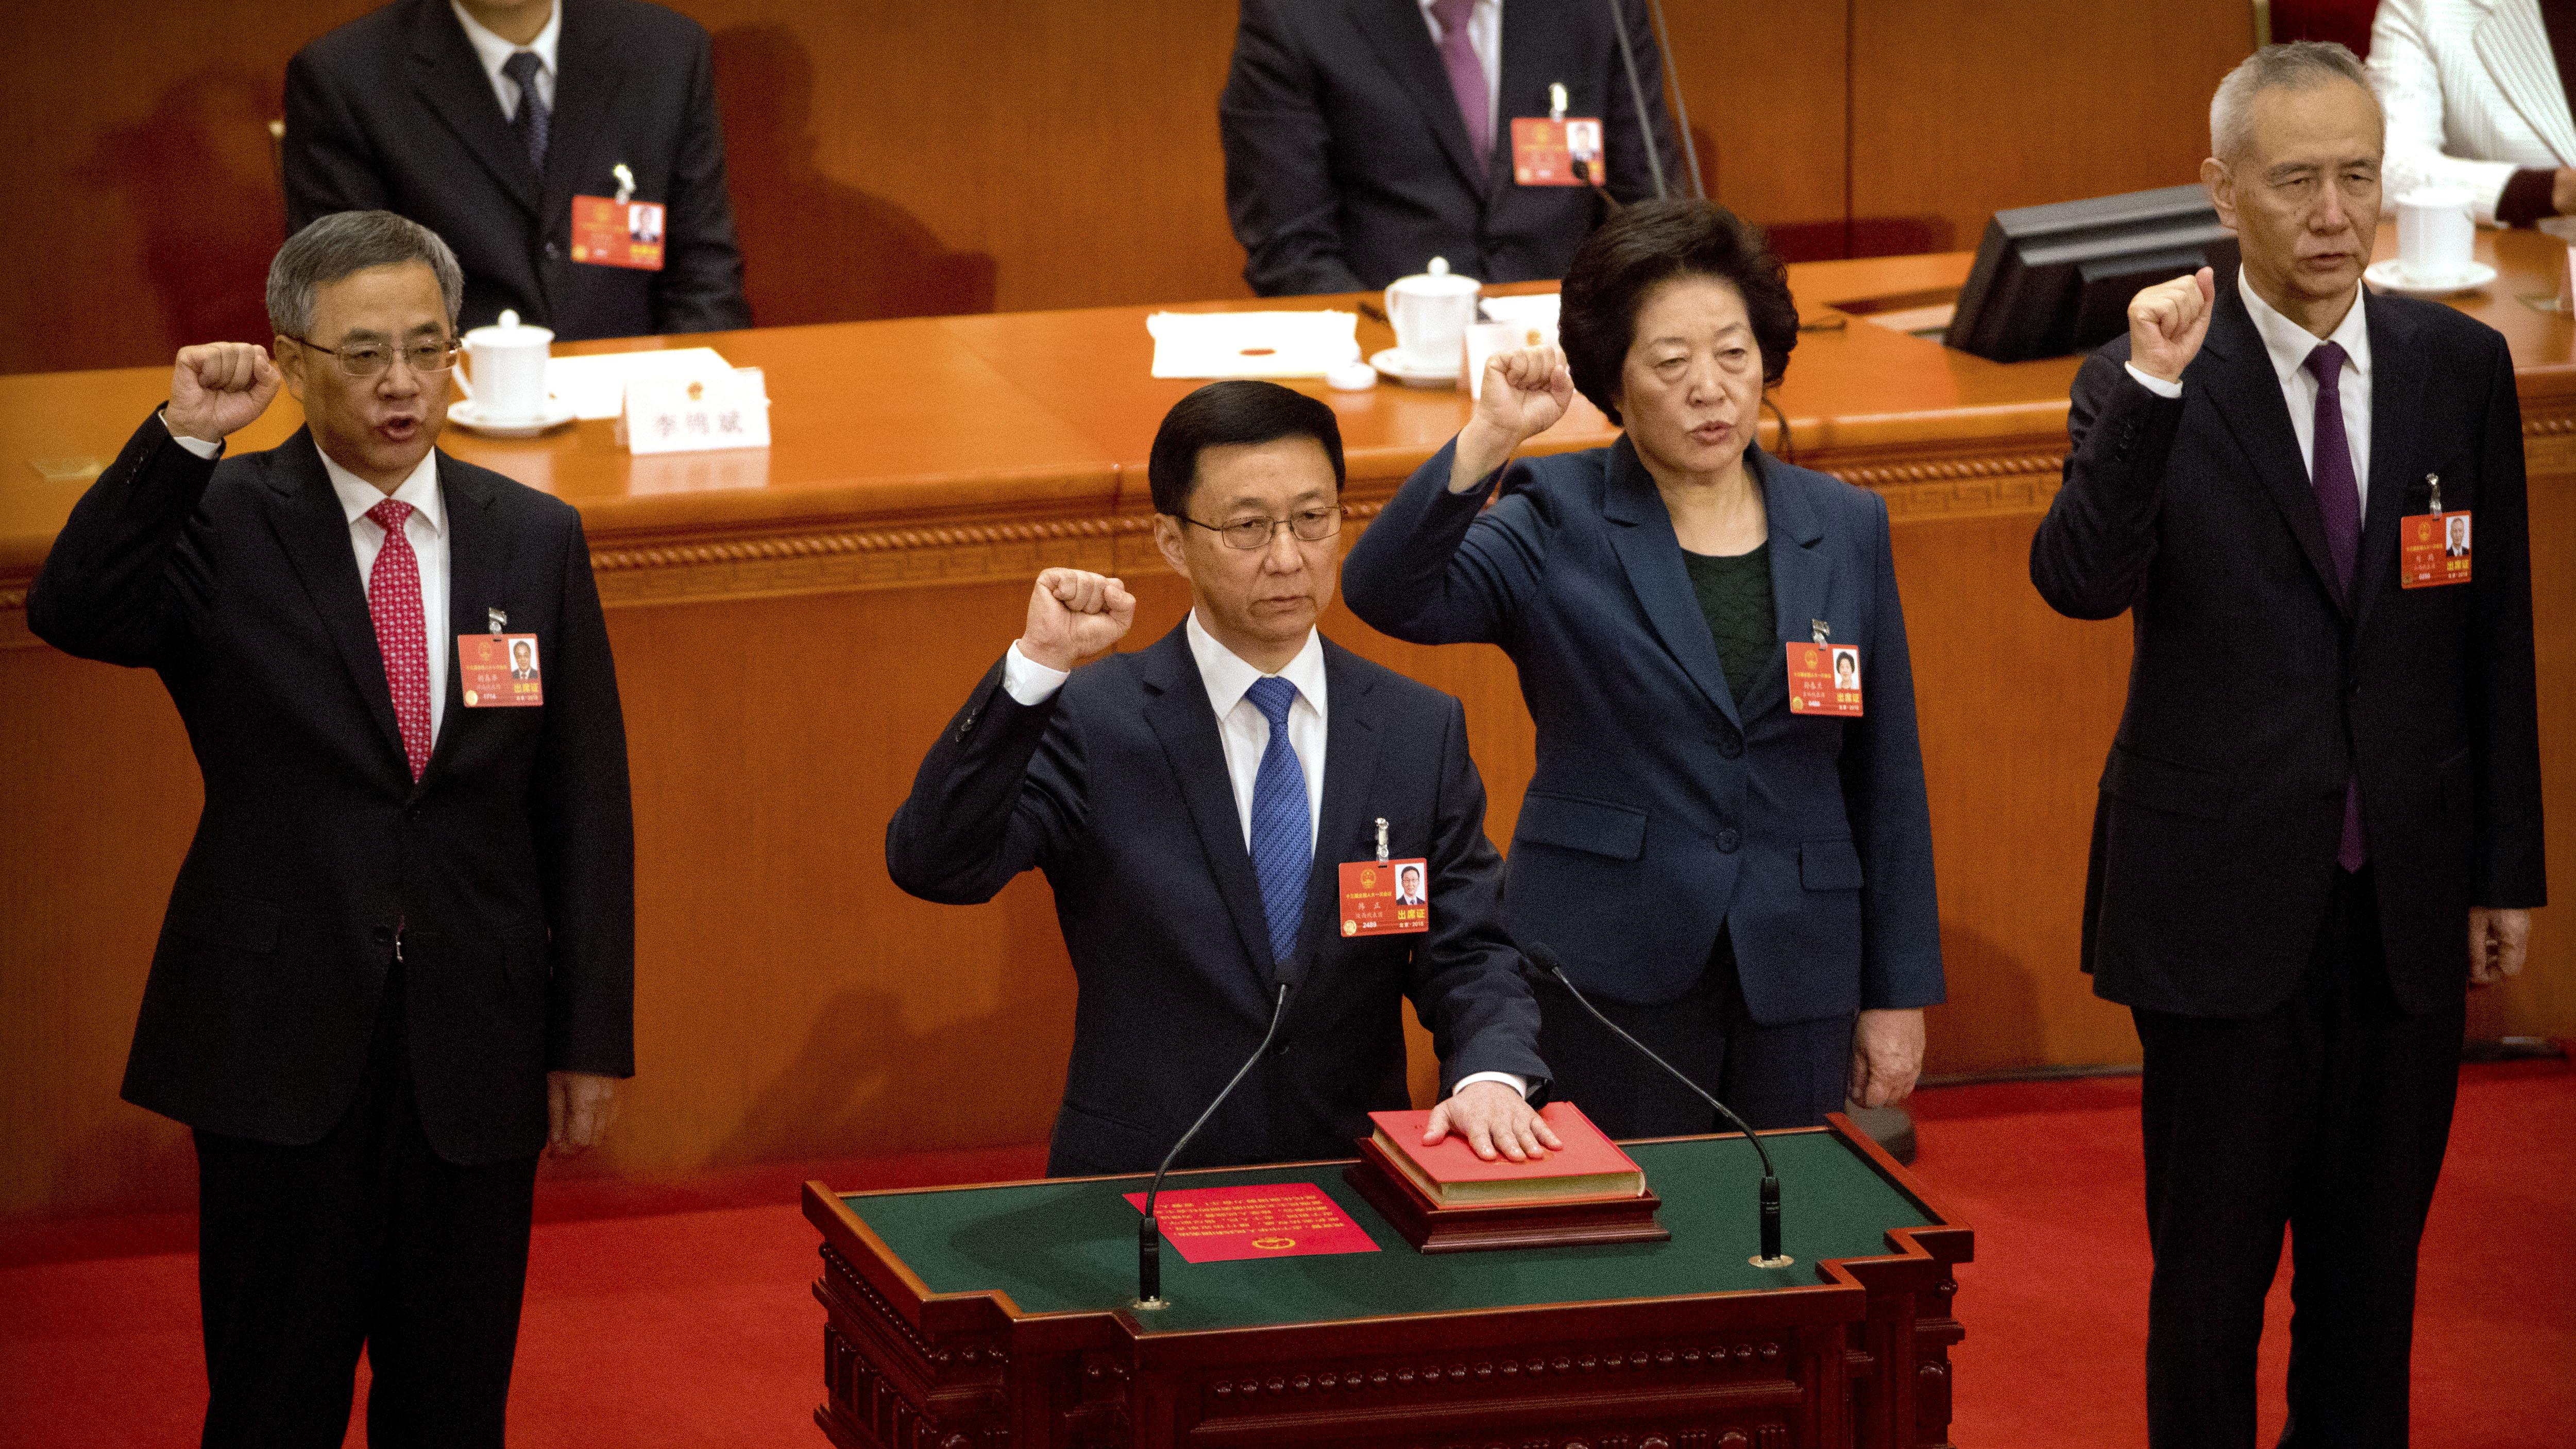 中国全国人大会议表决通过胡春华(左起)、韩正、孙春兰、及习近平的经济智囊刘鹤,出任国务院副总理。图为宣誓场景。(美联社)